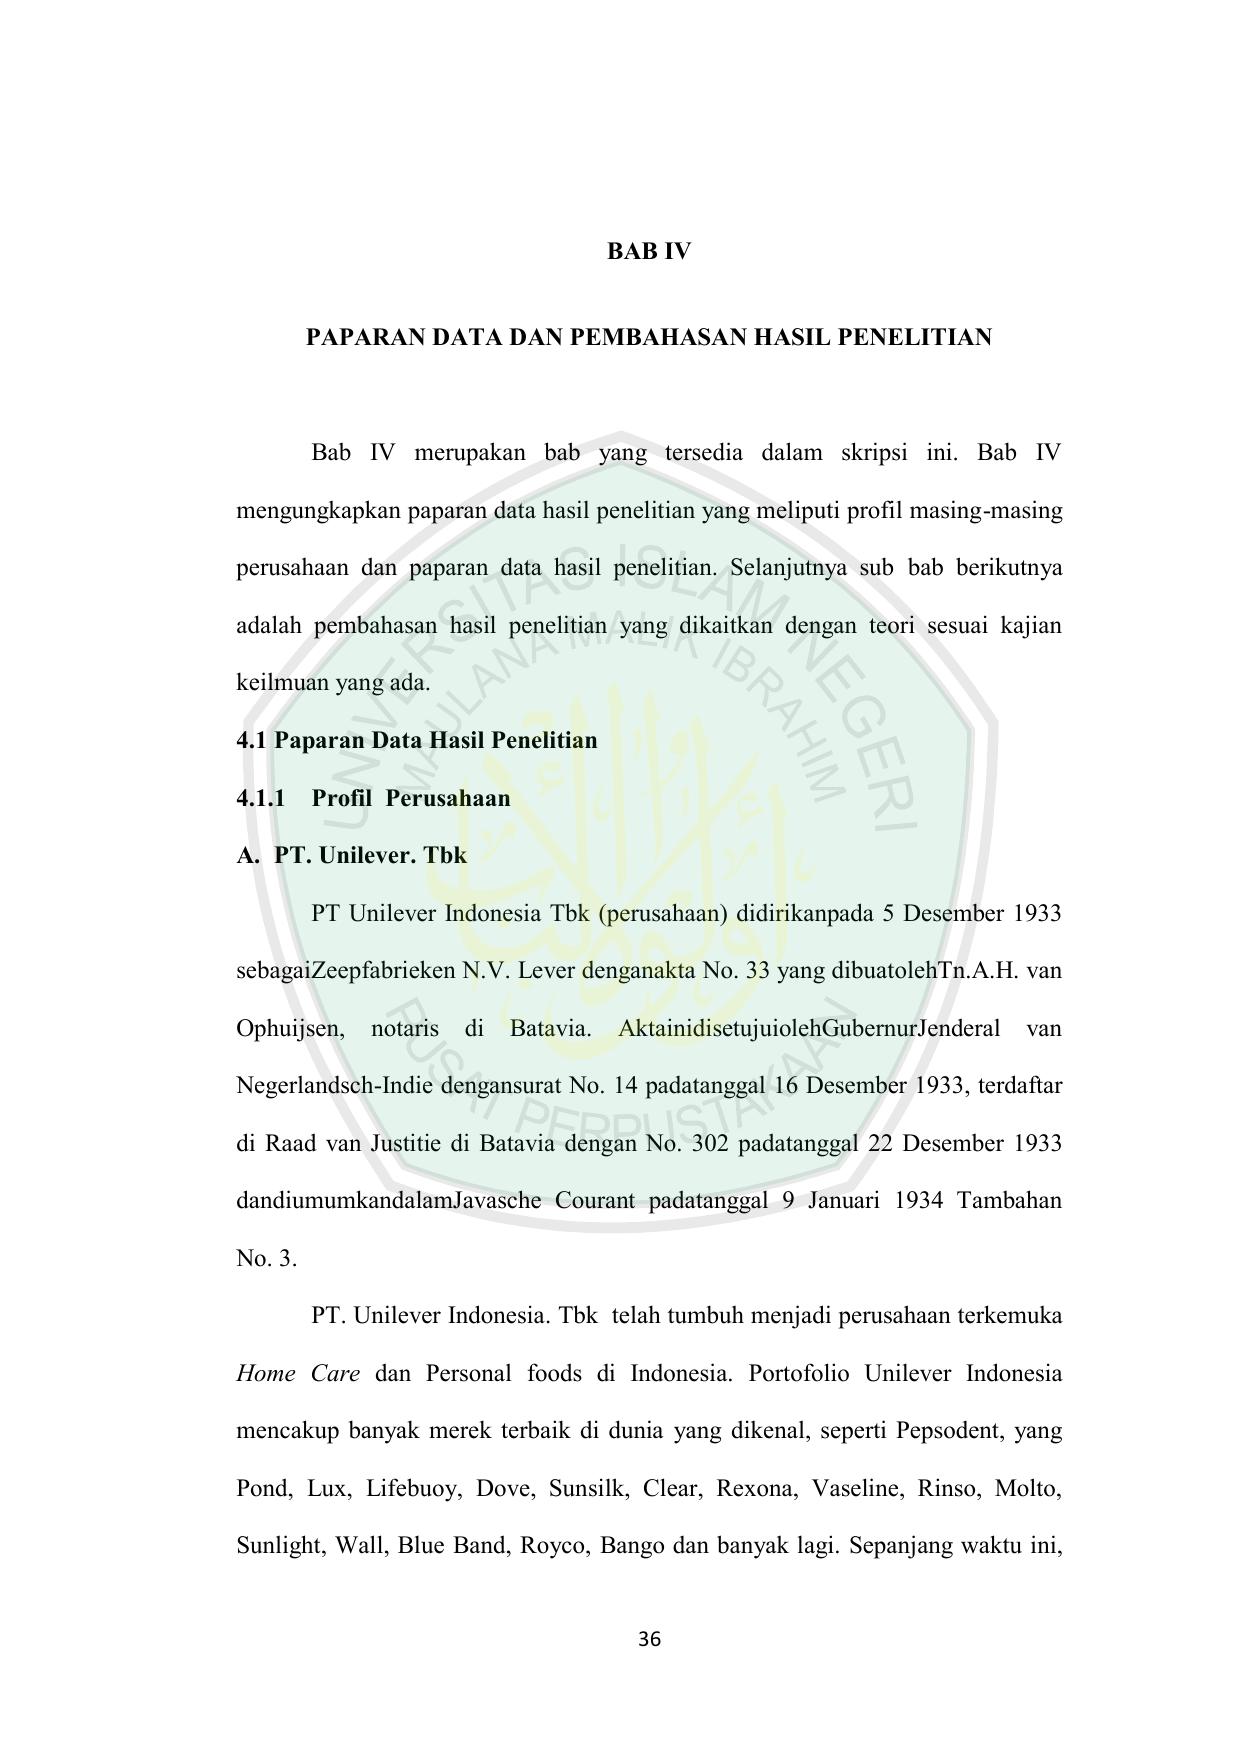 Skripsi Bab 4 Dan 5 Kuantitatif Ide Judul Skripsi Universitas